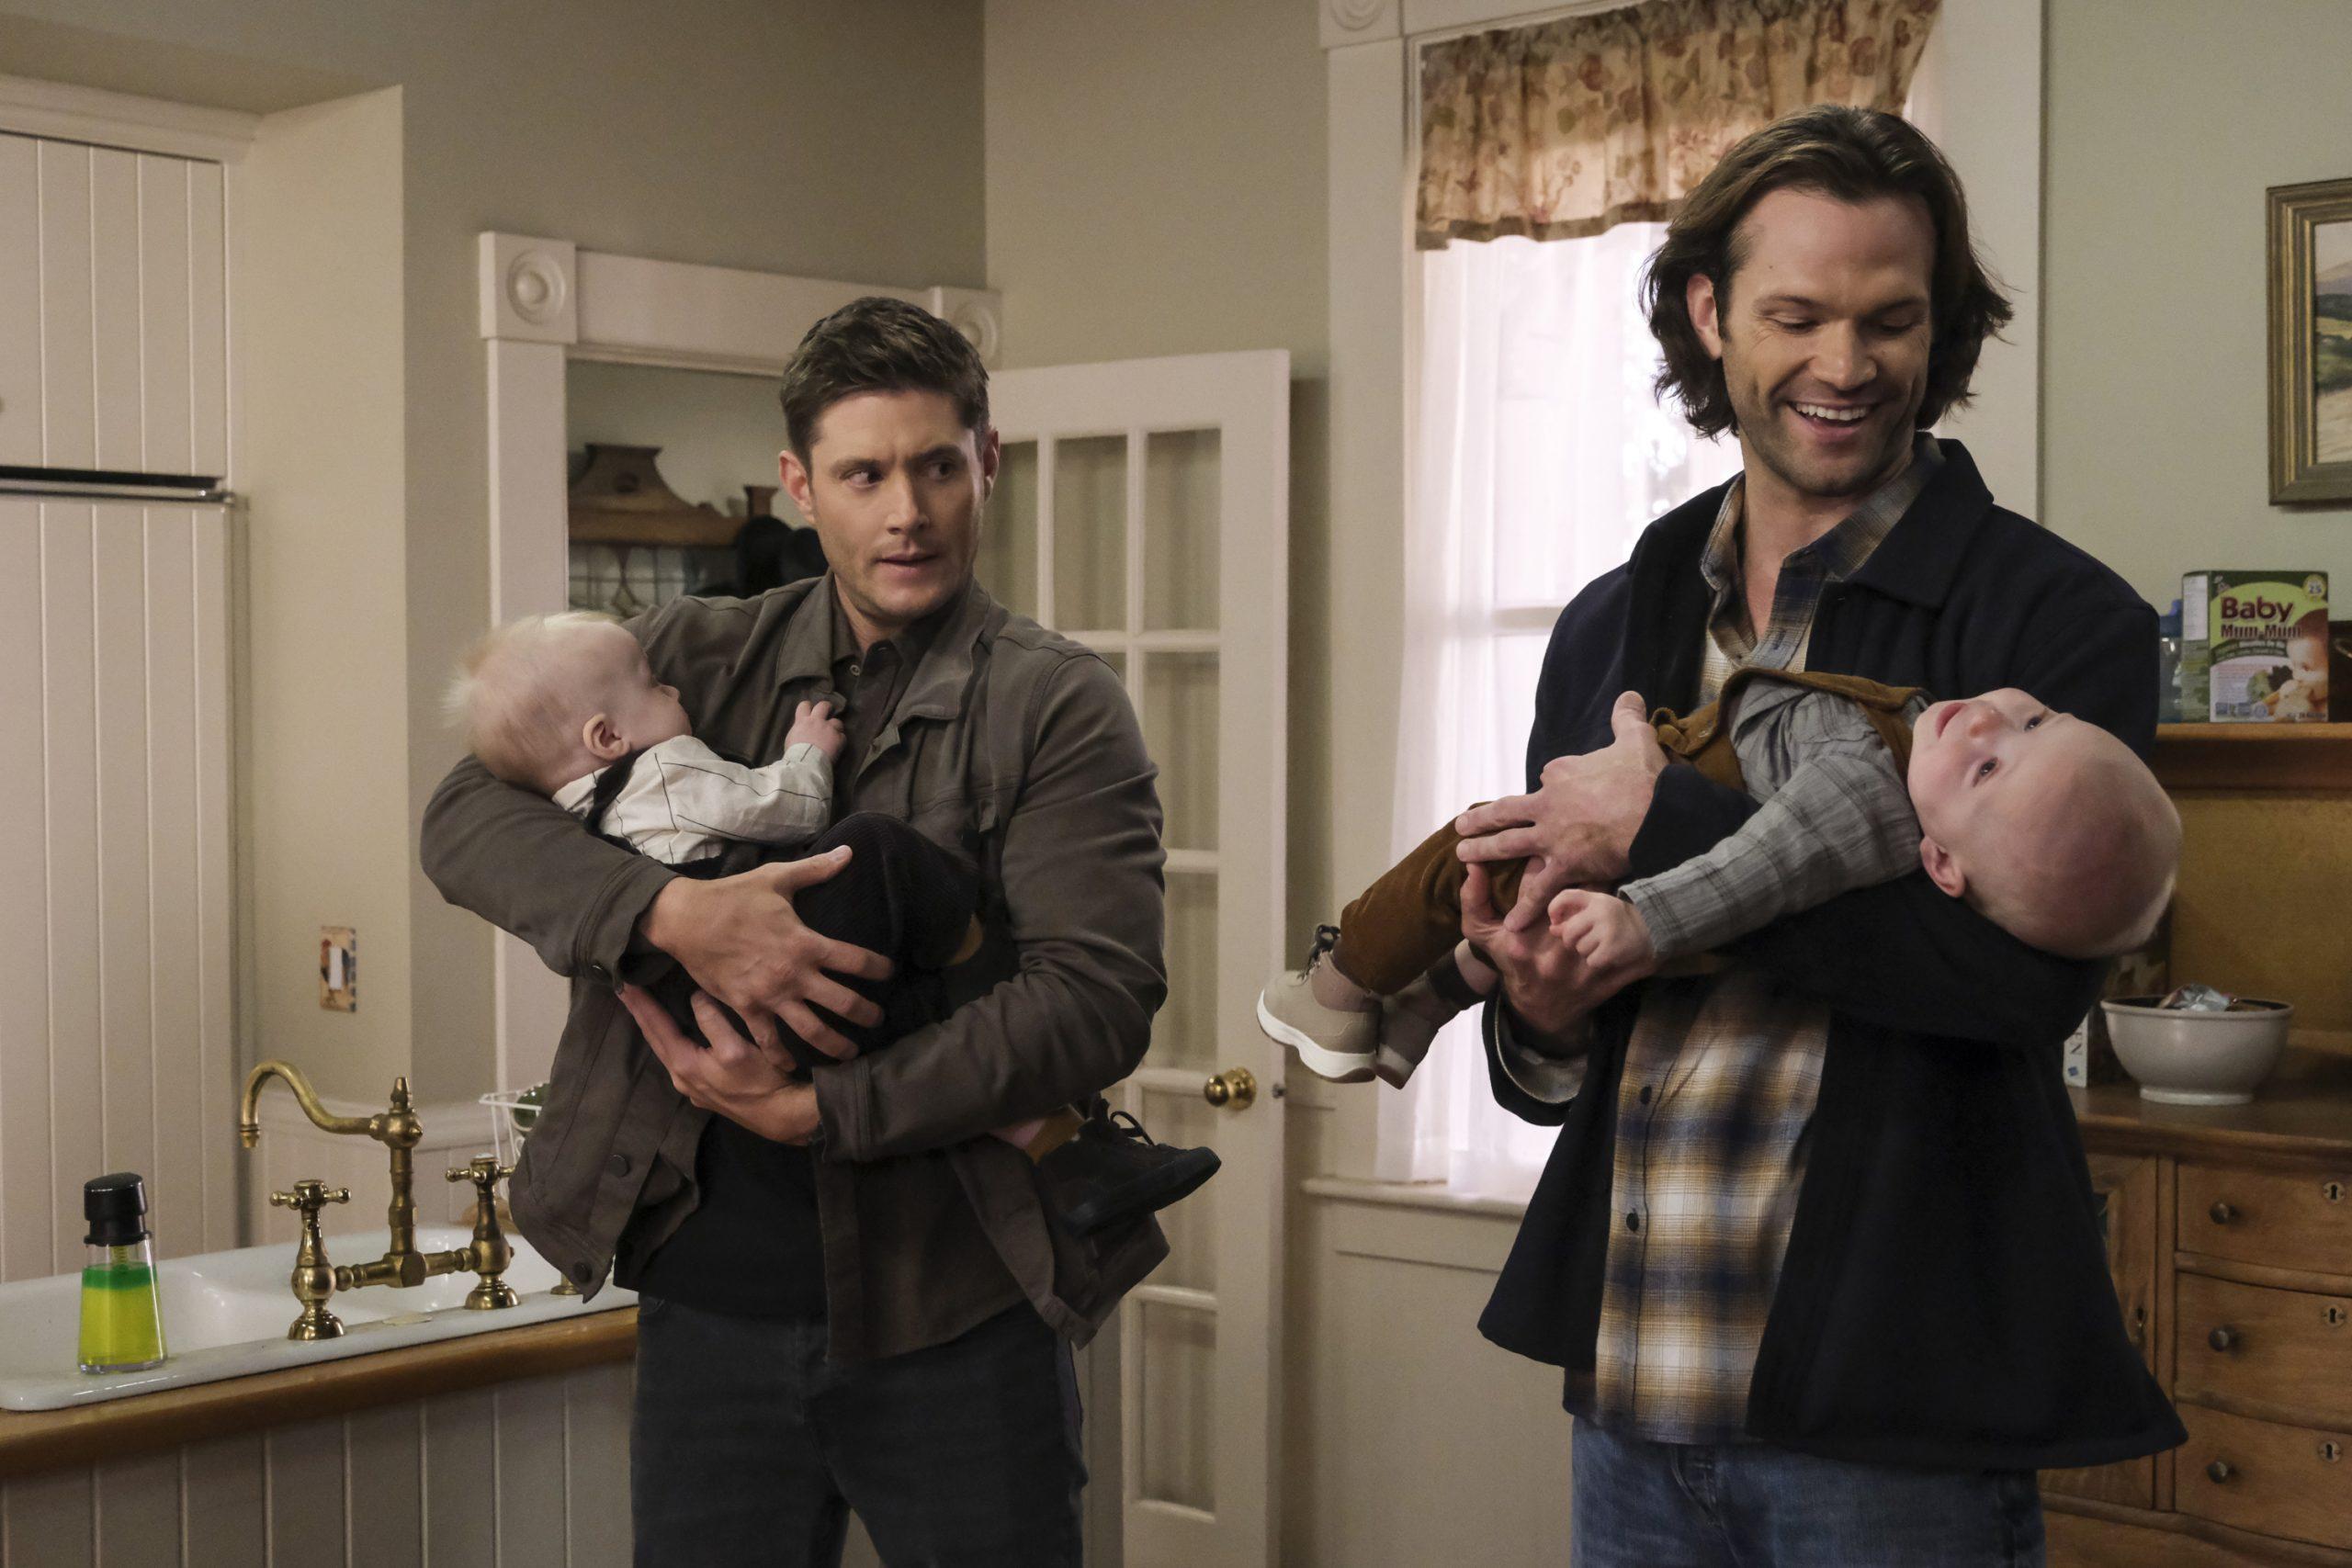 Cena de Supernatural. Sam e Dean estão segurando dois bebês. Sam está sorrindo com o bebe no colo, vestindo uma jaqueta preta por cima de uma camisa xadrez marrom. Dean está segurando o outro bebê com uma jaqueta cinza e calça escura enquanto olha para Sam. Eles estão em um banheiro, com uma pia no canto inferior esquerdo, uma porta branca atrás deles assim como uma grande janela e cômoda de madeira atrás de Sam.